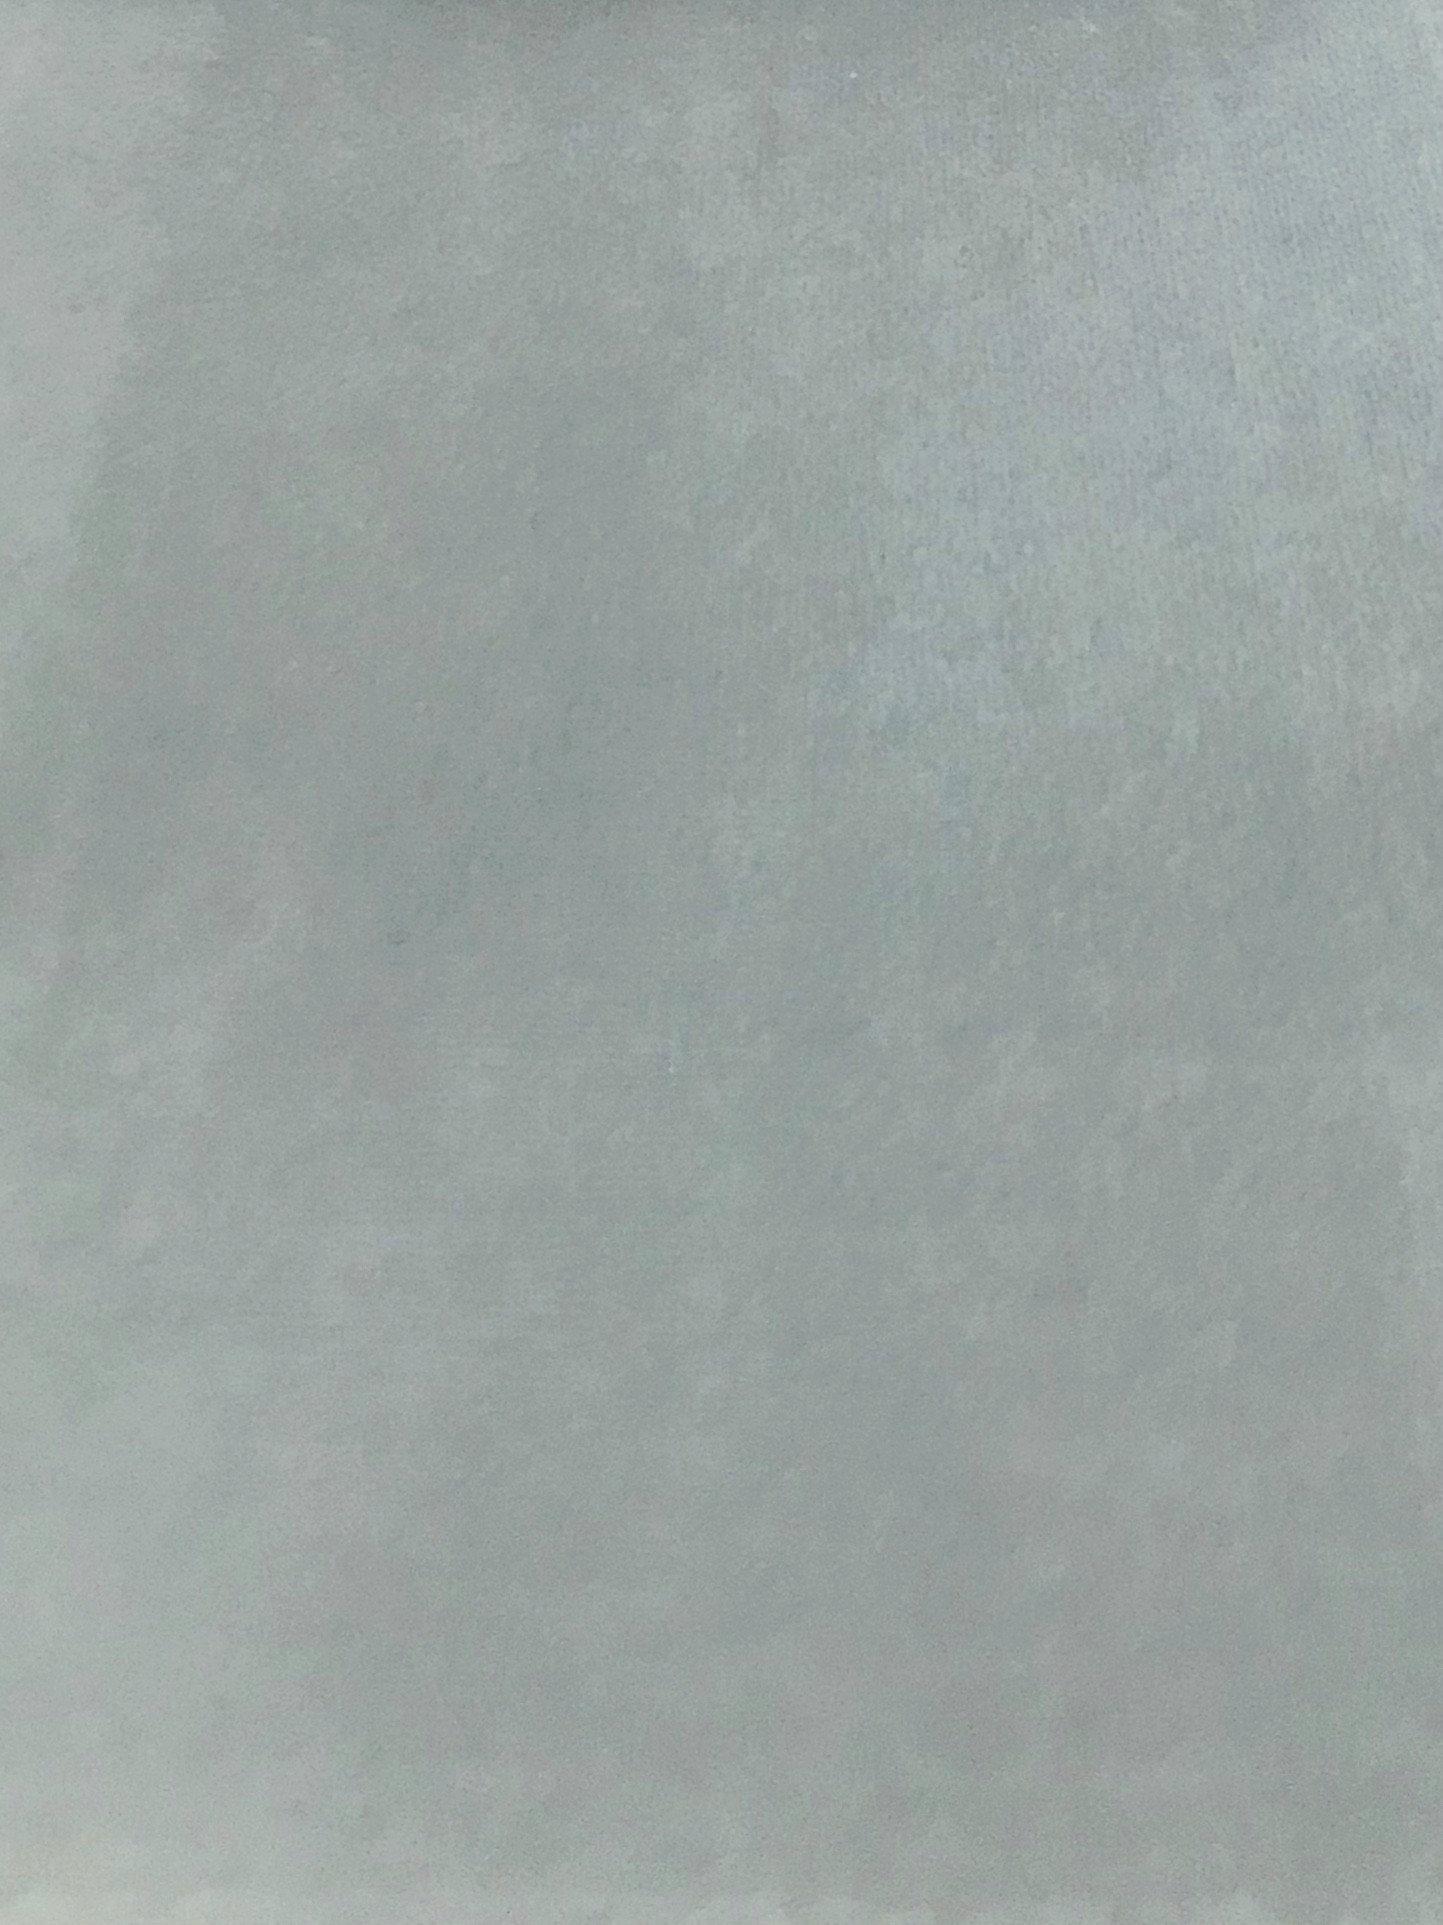 Velvet Upholstery Fabric In Ice Blue Pale Blue Velvet Width 54